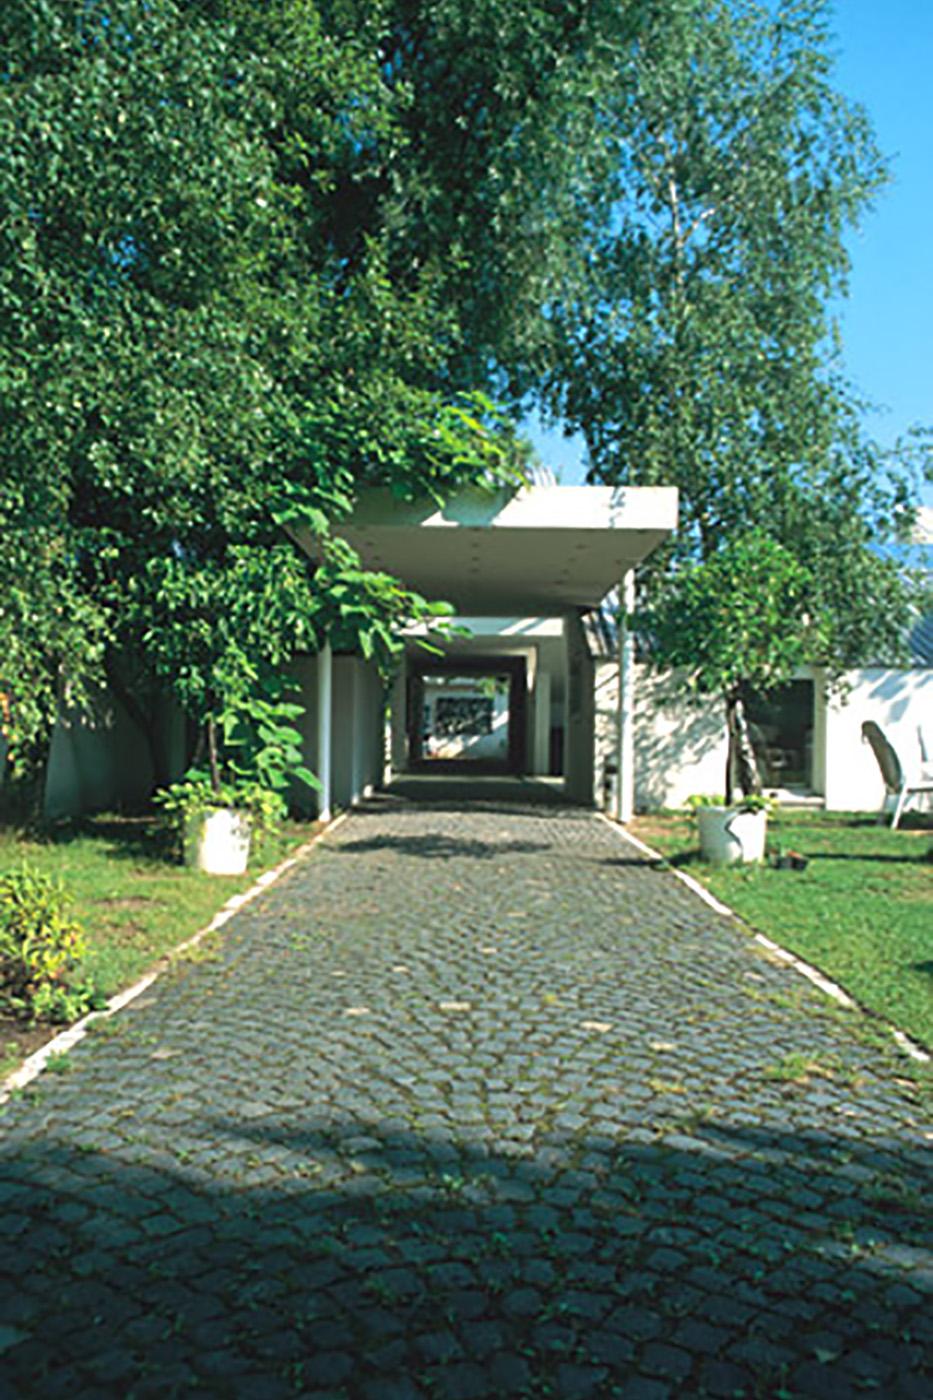 43_Internationales Kuenstlerzentrum 695 [1989]